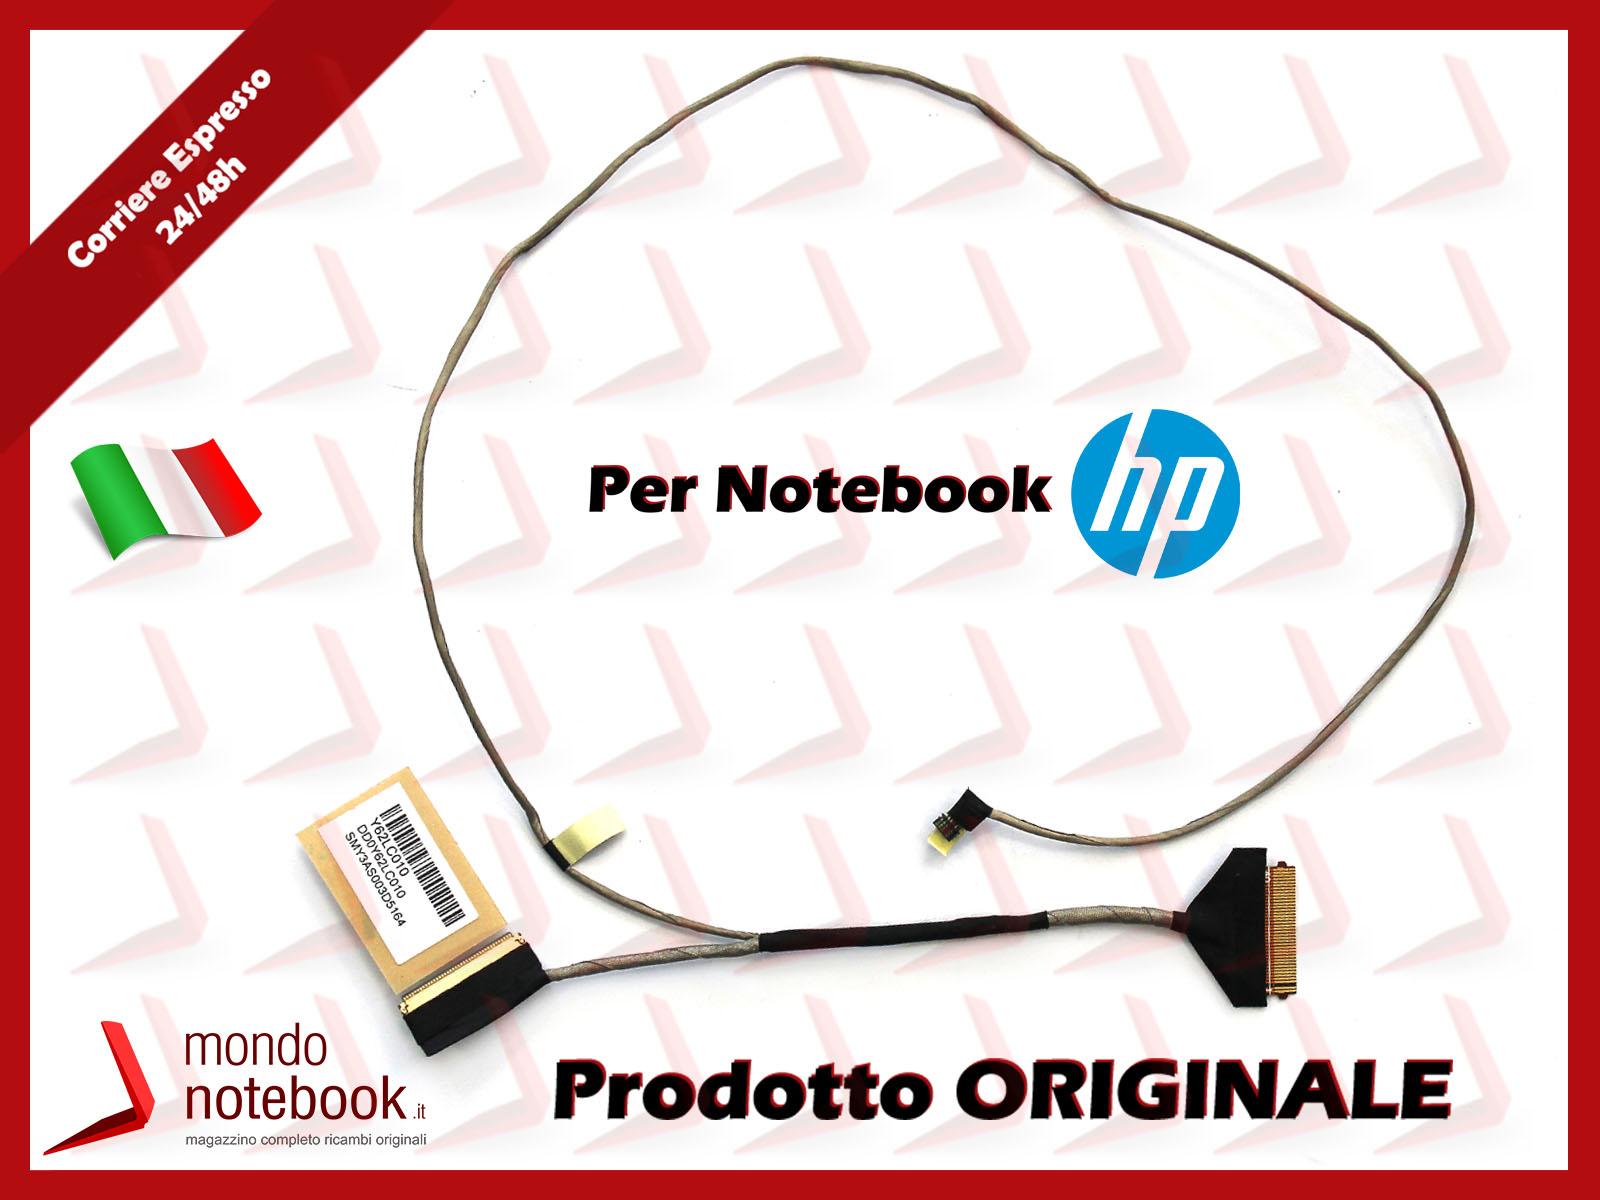 https://www.mondonotebook.it/6090/cavo-flat-cable-wifi-apple-a1278-2011-2012.jpg